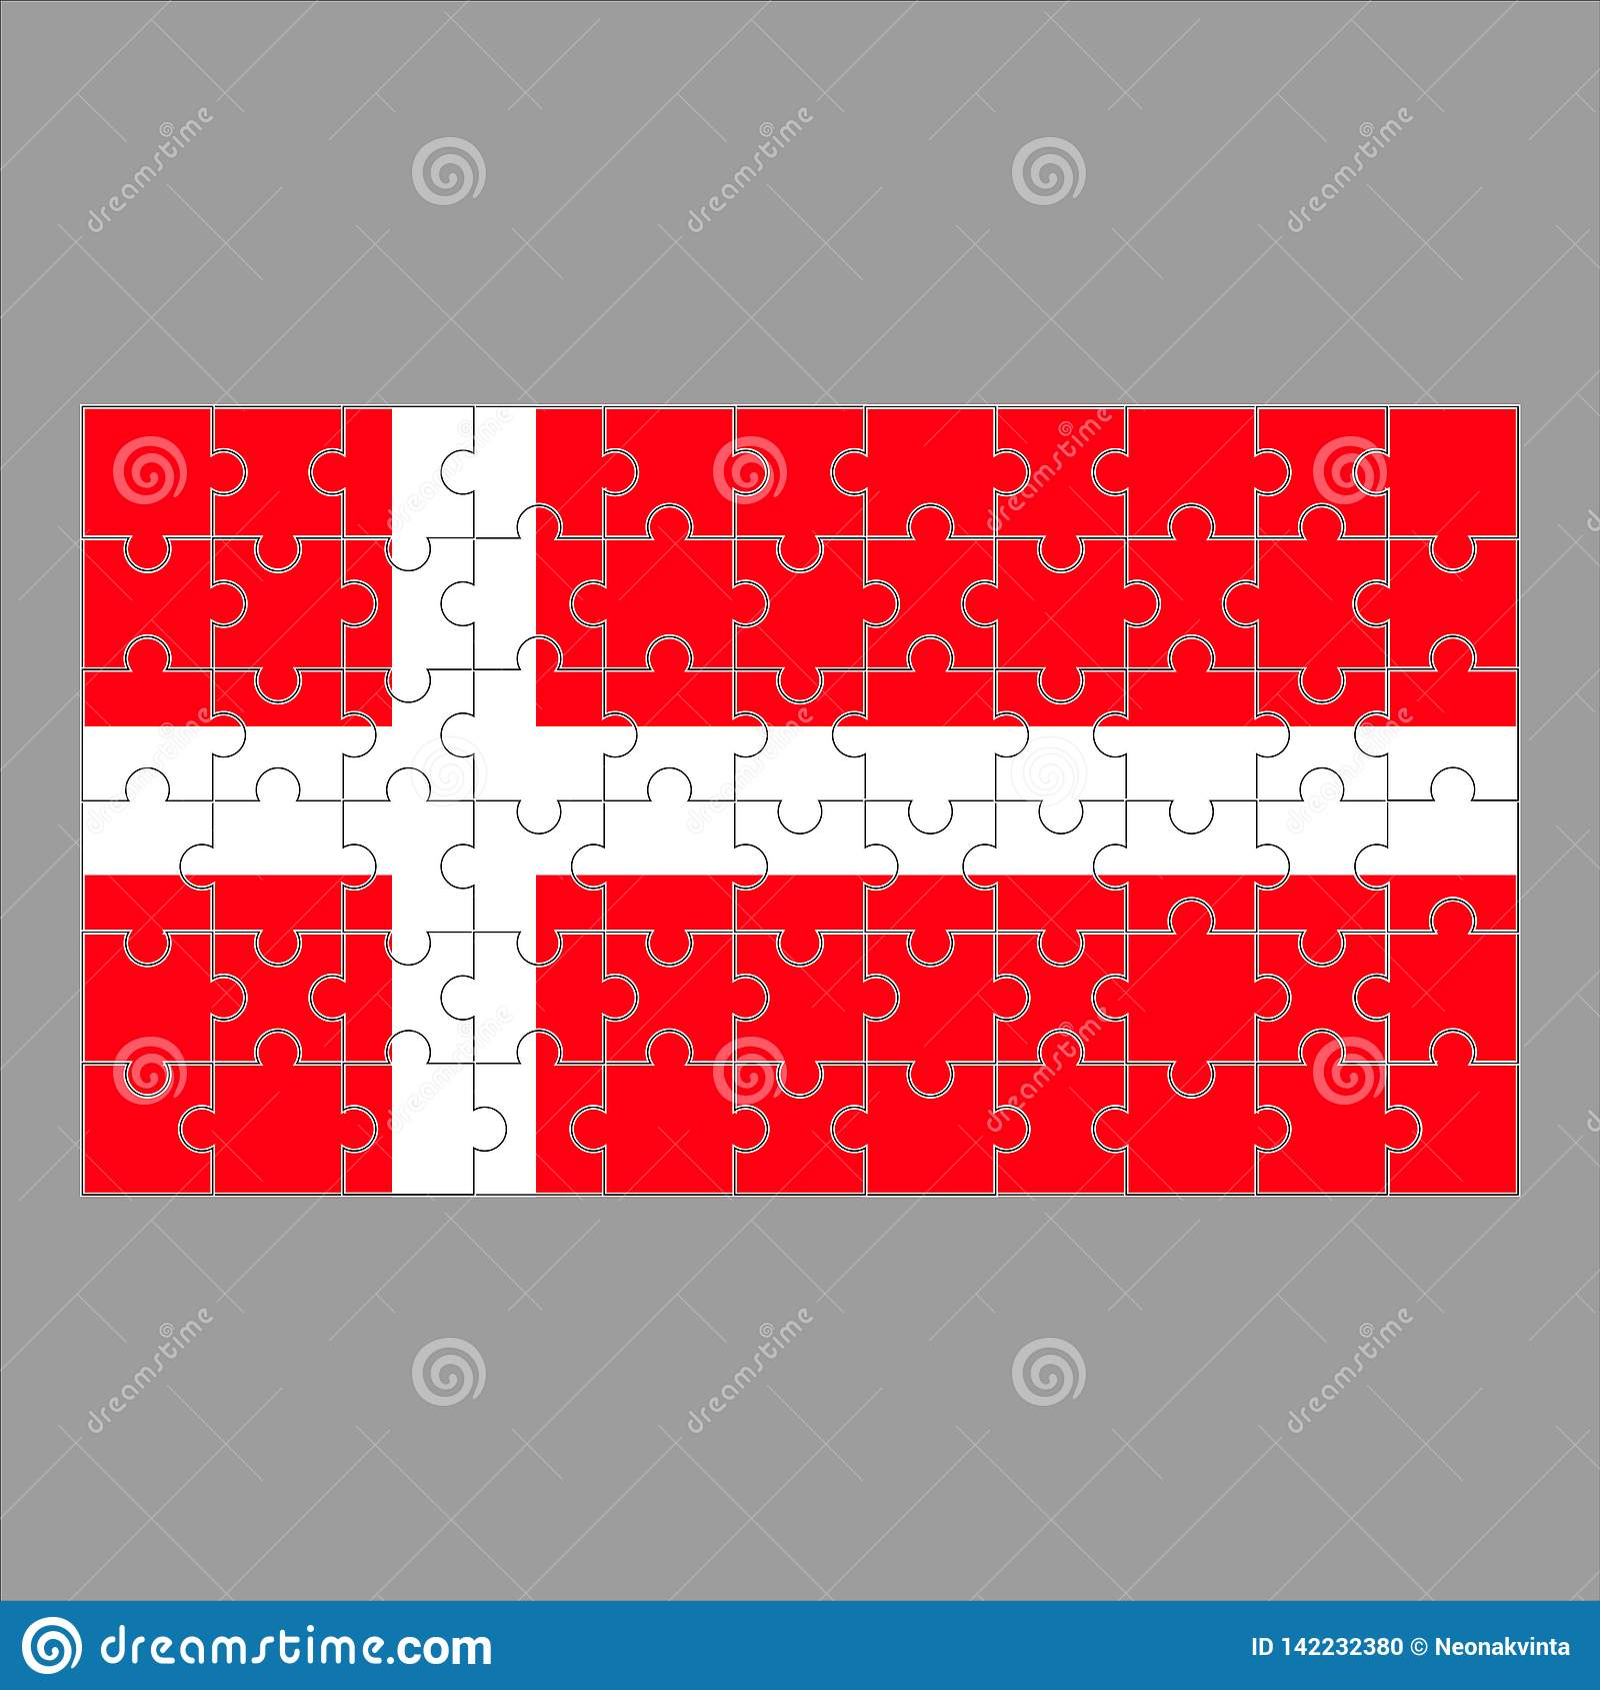 Flagge von Dänemark-Puzzlespiel auf grauem Hintergrund